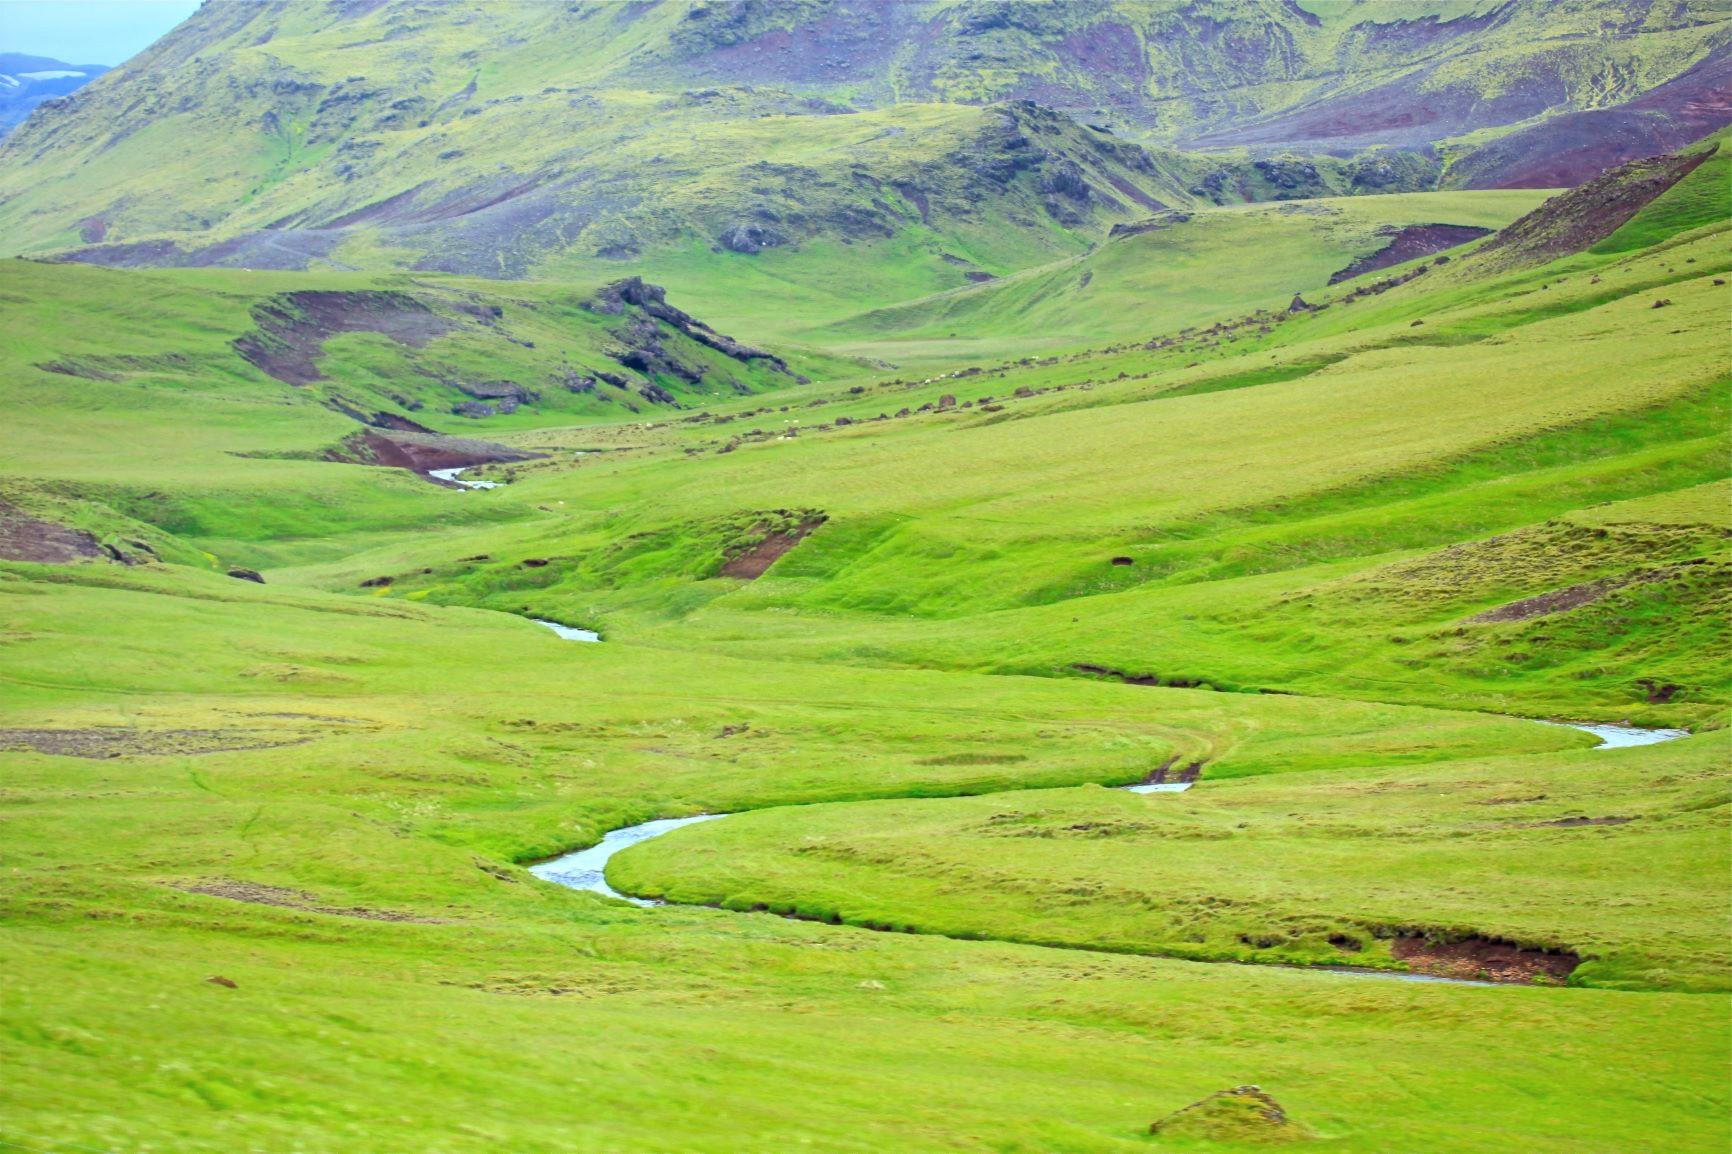 緑美しい6月のアイスランドの大地